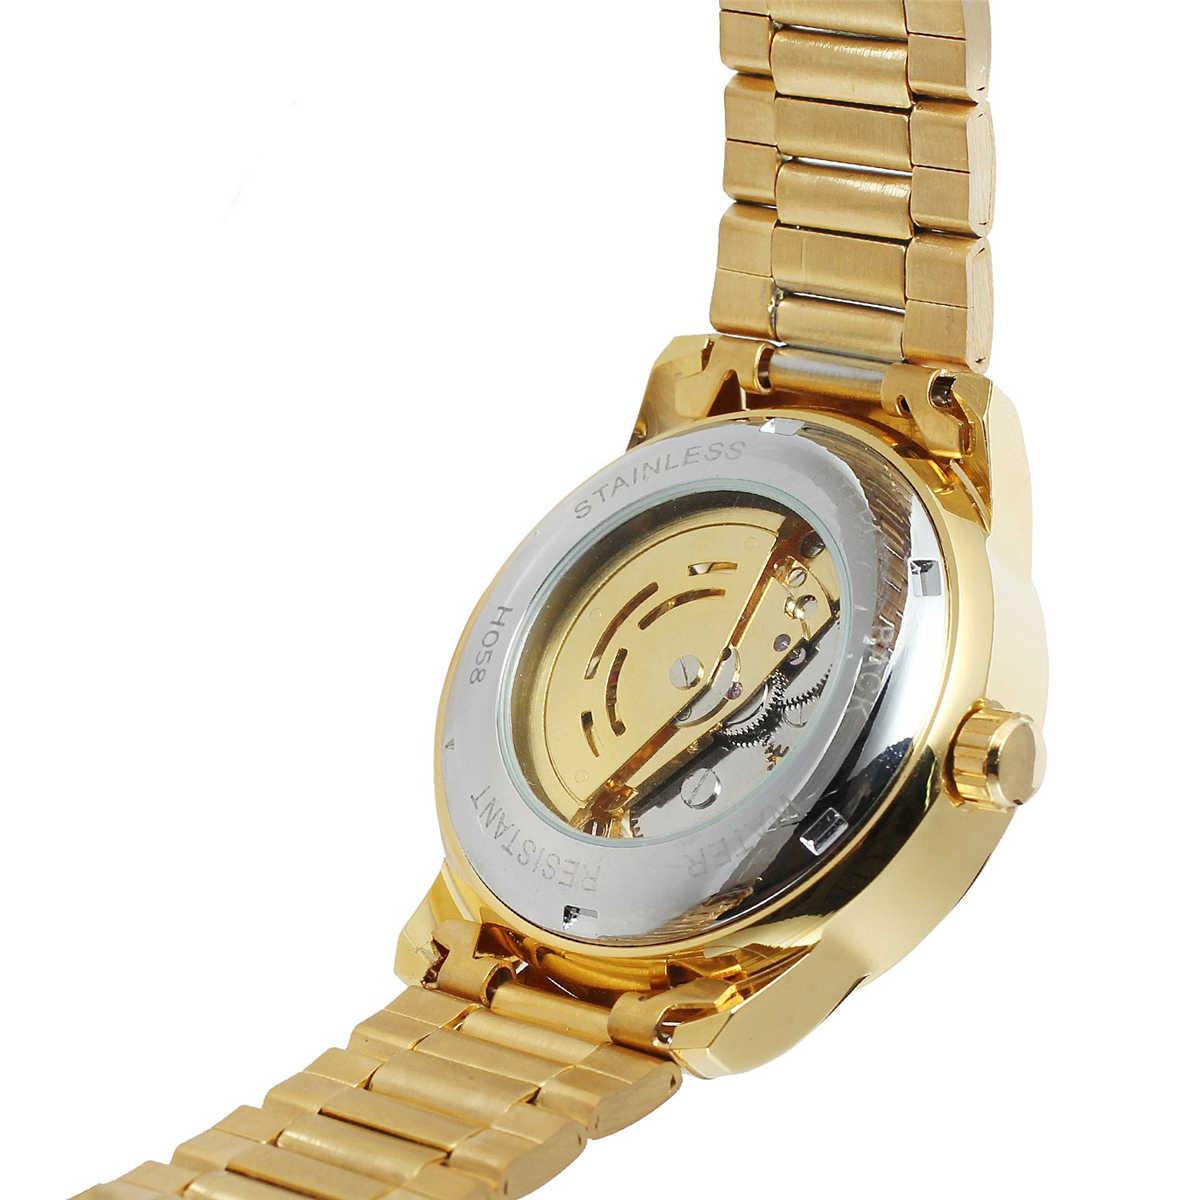 Forsining الميكانيكية التلقائي الهيكل العظمي الساعات الرجال Steampunk ساعة معصم السلطة الذاتي Widing ساعة أثرية رجالي ساعات المعصم